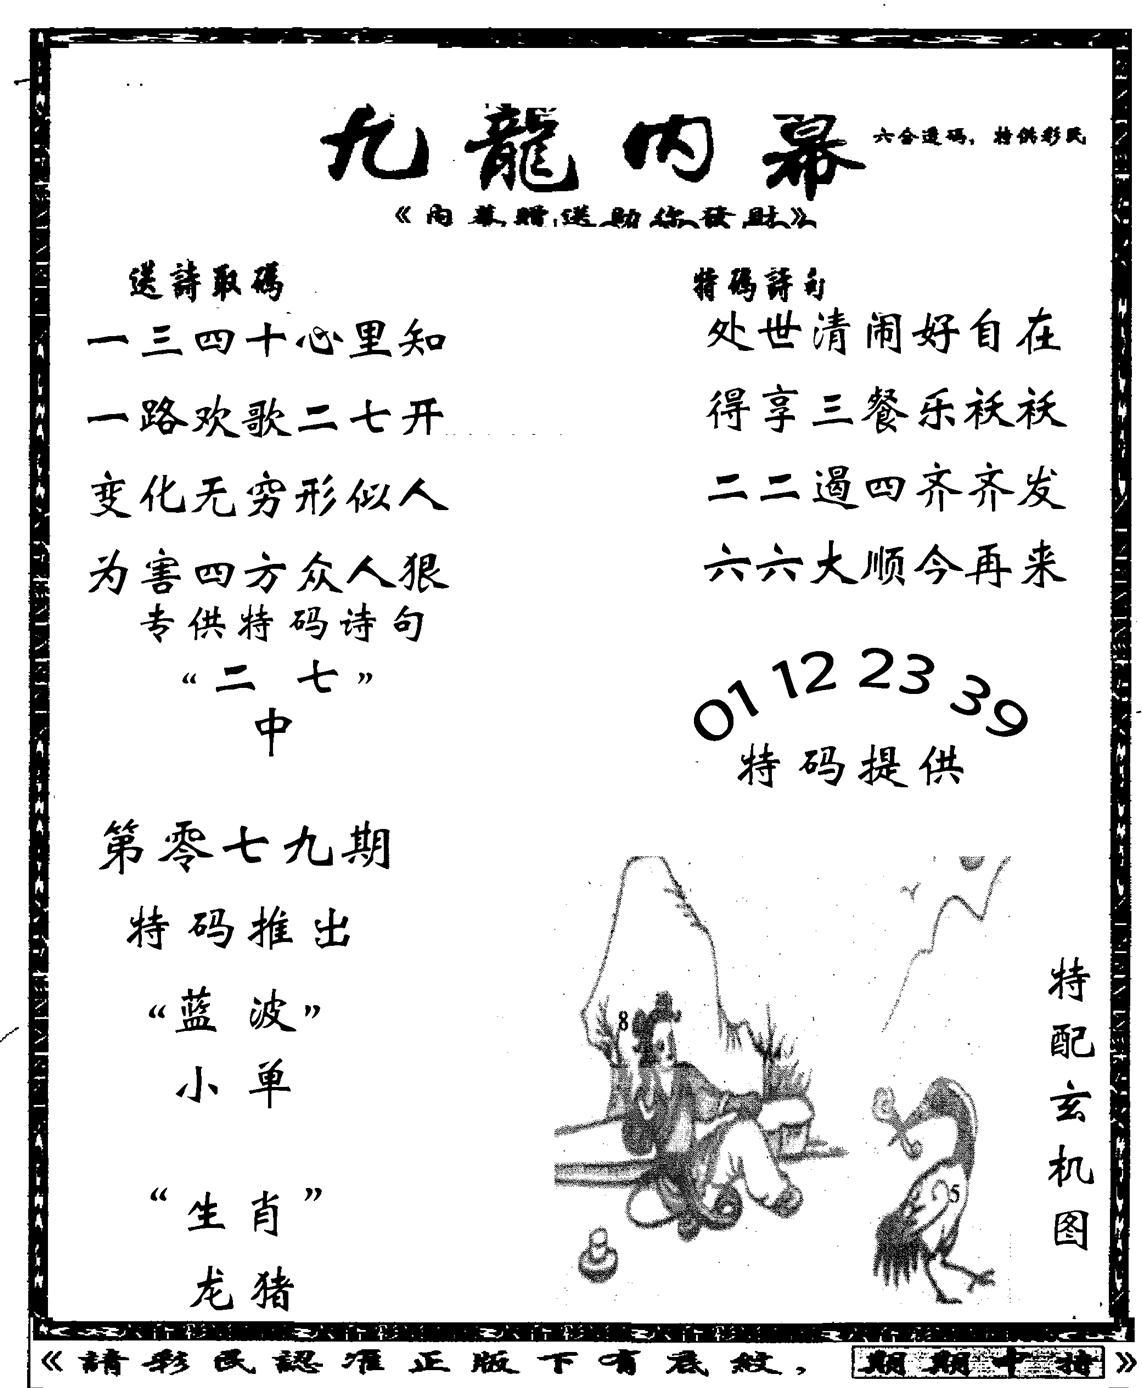 079期老九龙内幕(黑白)